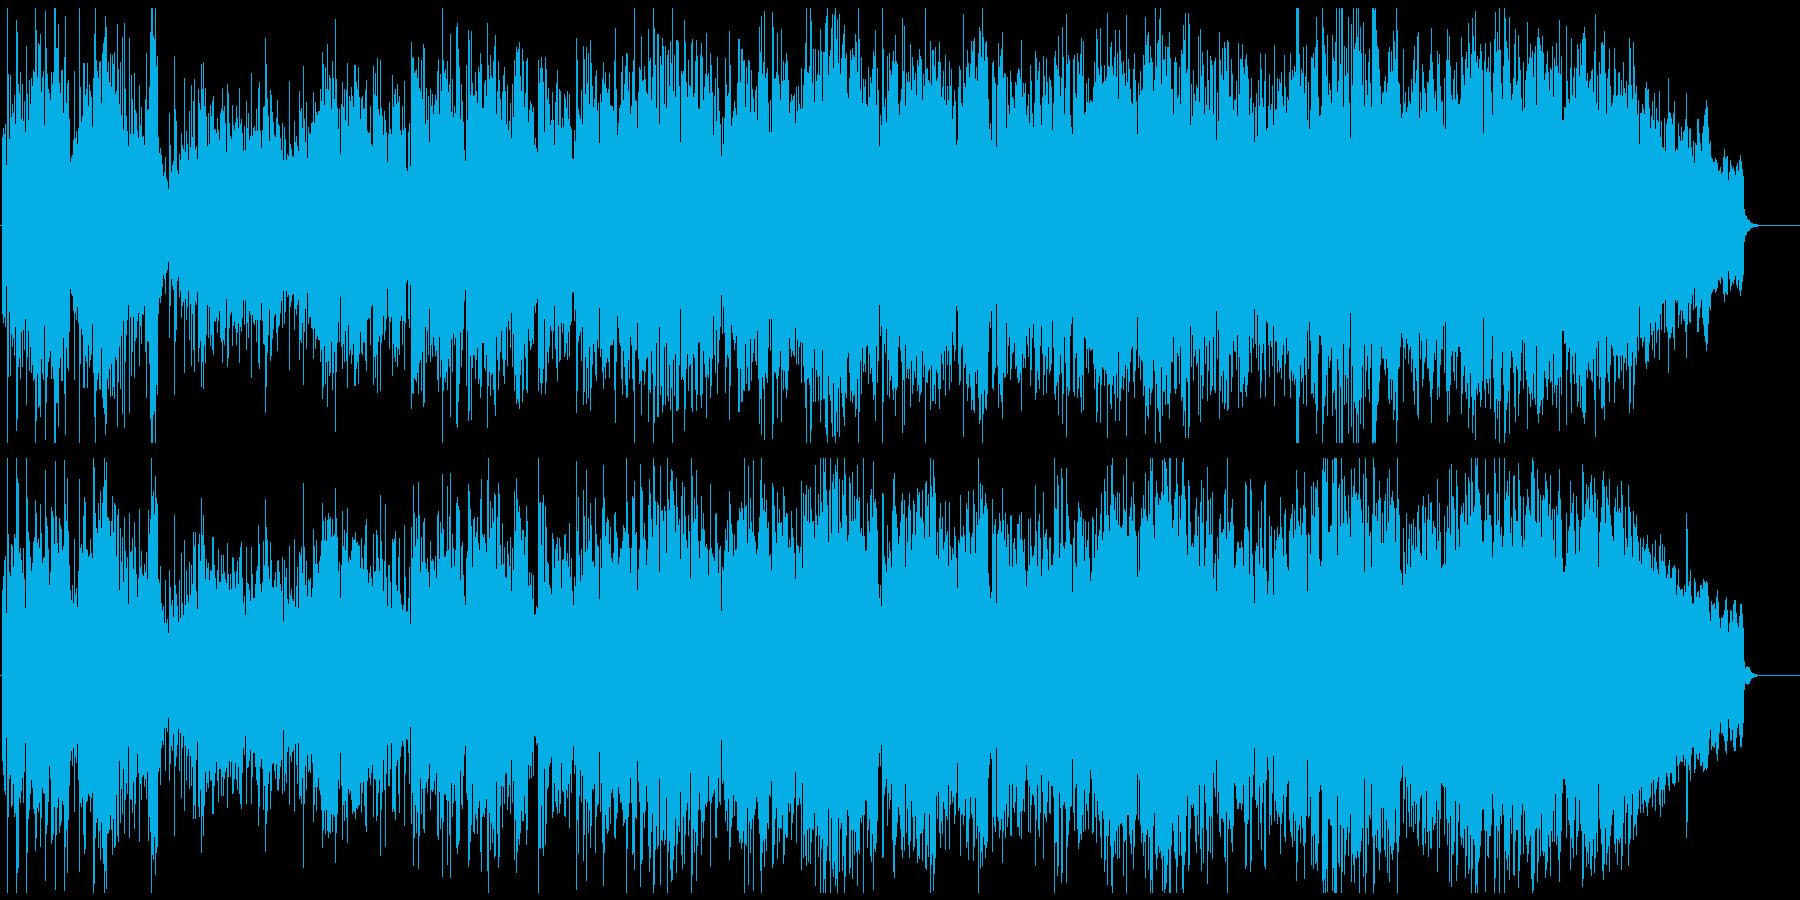 生演奏フルート元気アコースティックポップの再生済みの波形